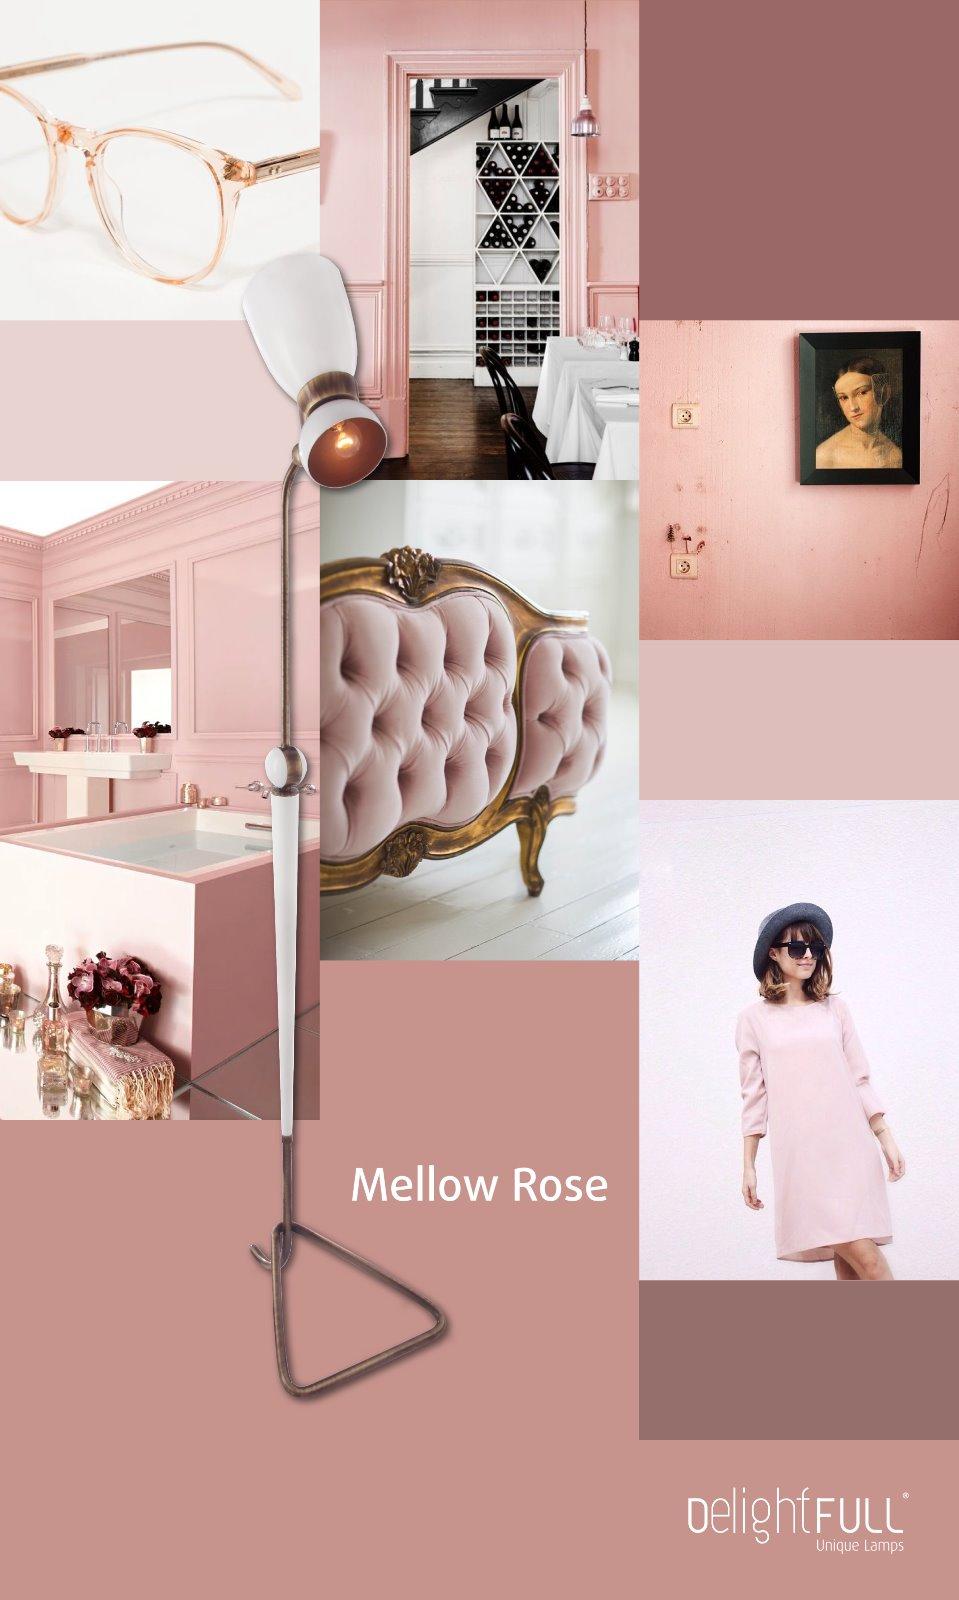 4 wundersch ne trendfarben f r deine wand im jahr 2018 wohnen mit klassikern. Black Bedroom Furniture Sets. Home Design Ideas